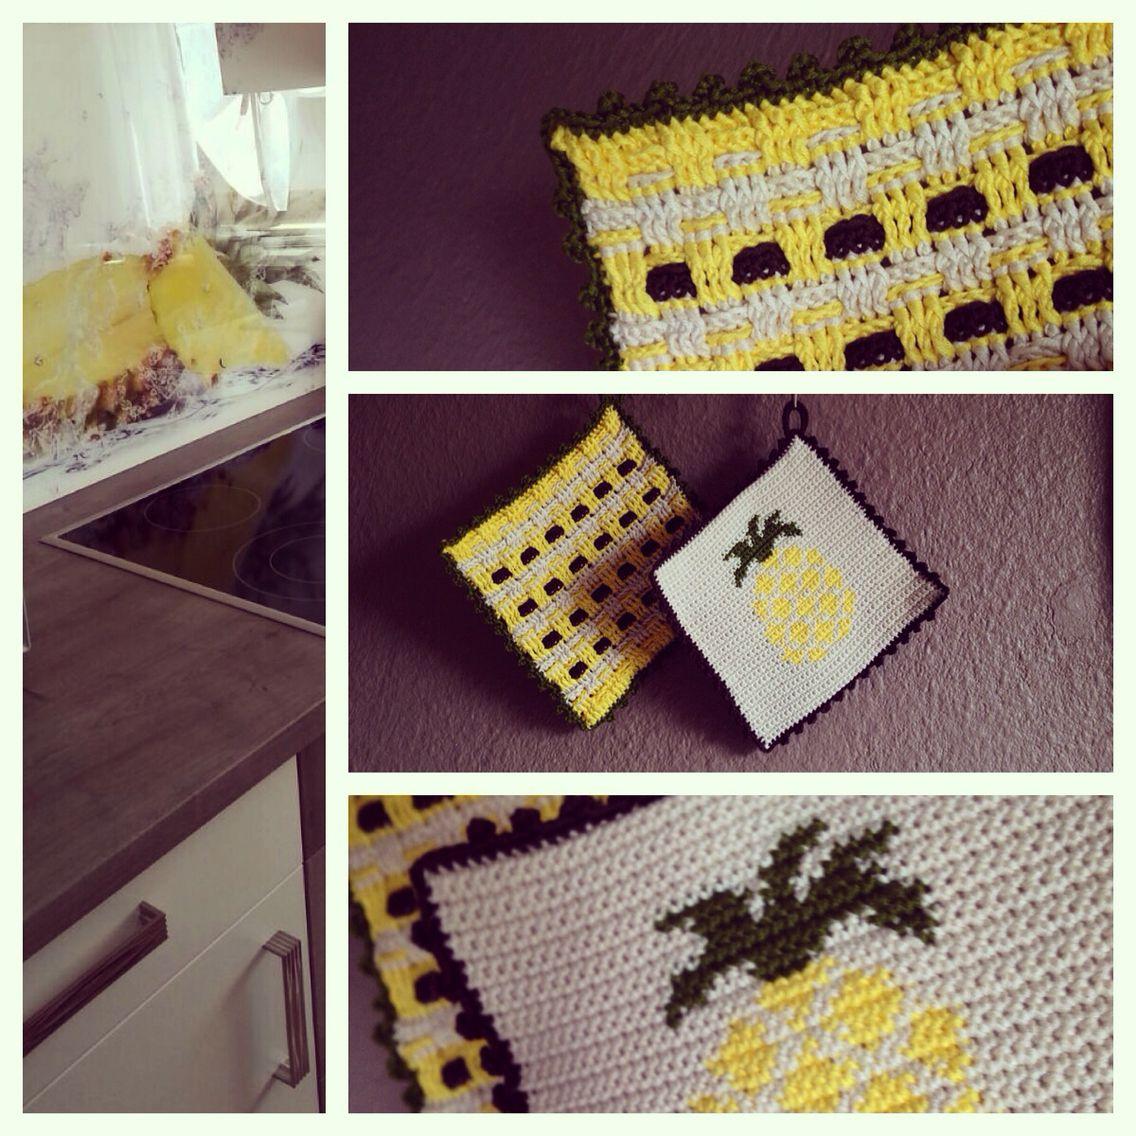 Crochet Potholder /// Häkel Topflappen | Crochet • My Works | Pinterest